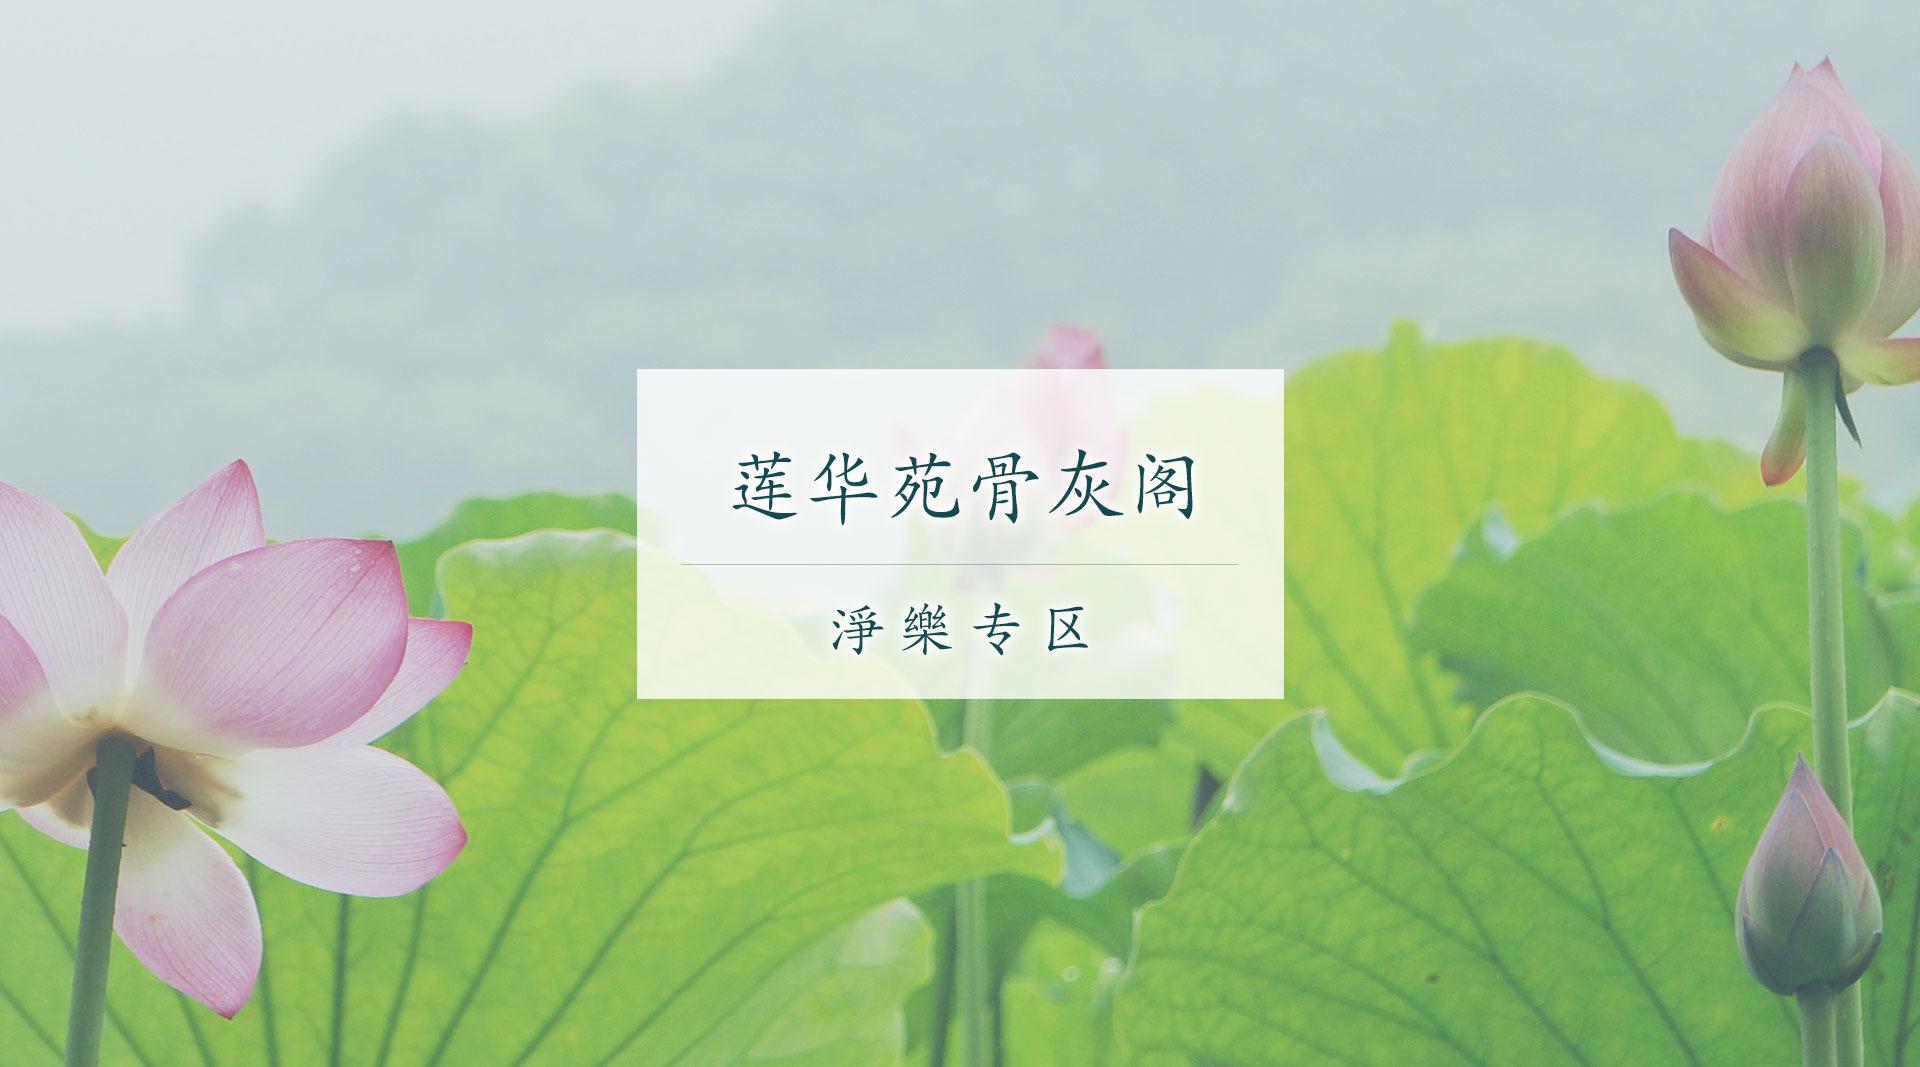 莲华苑骨灰阁-home-pic-1